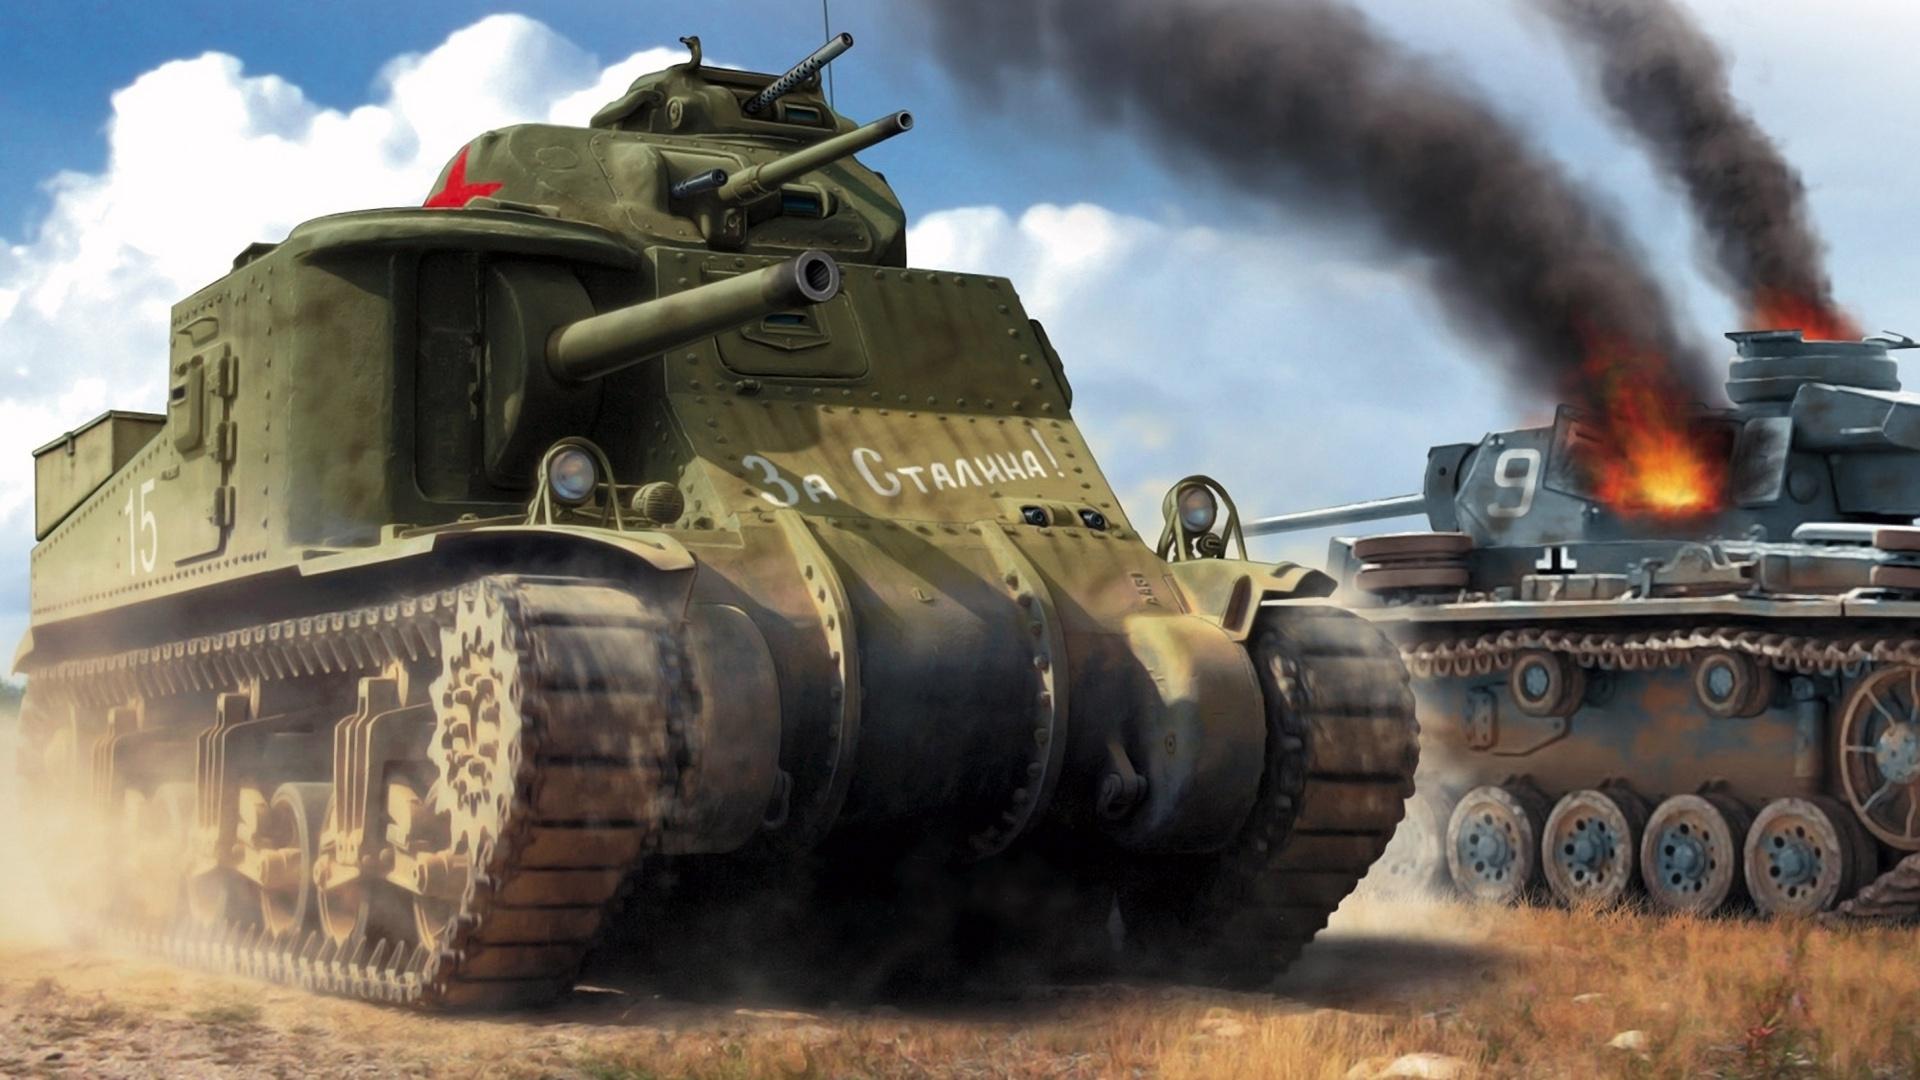 https://img4.goodfon.com/original/1920x1080/f/52/m3-lee-amerikanskii-srednii-tank-sssr-za-stalina.jpg